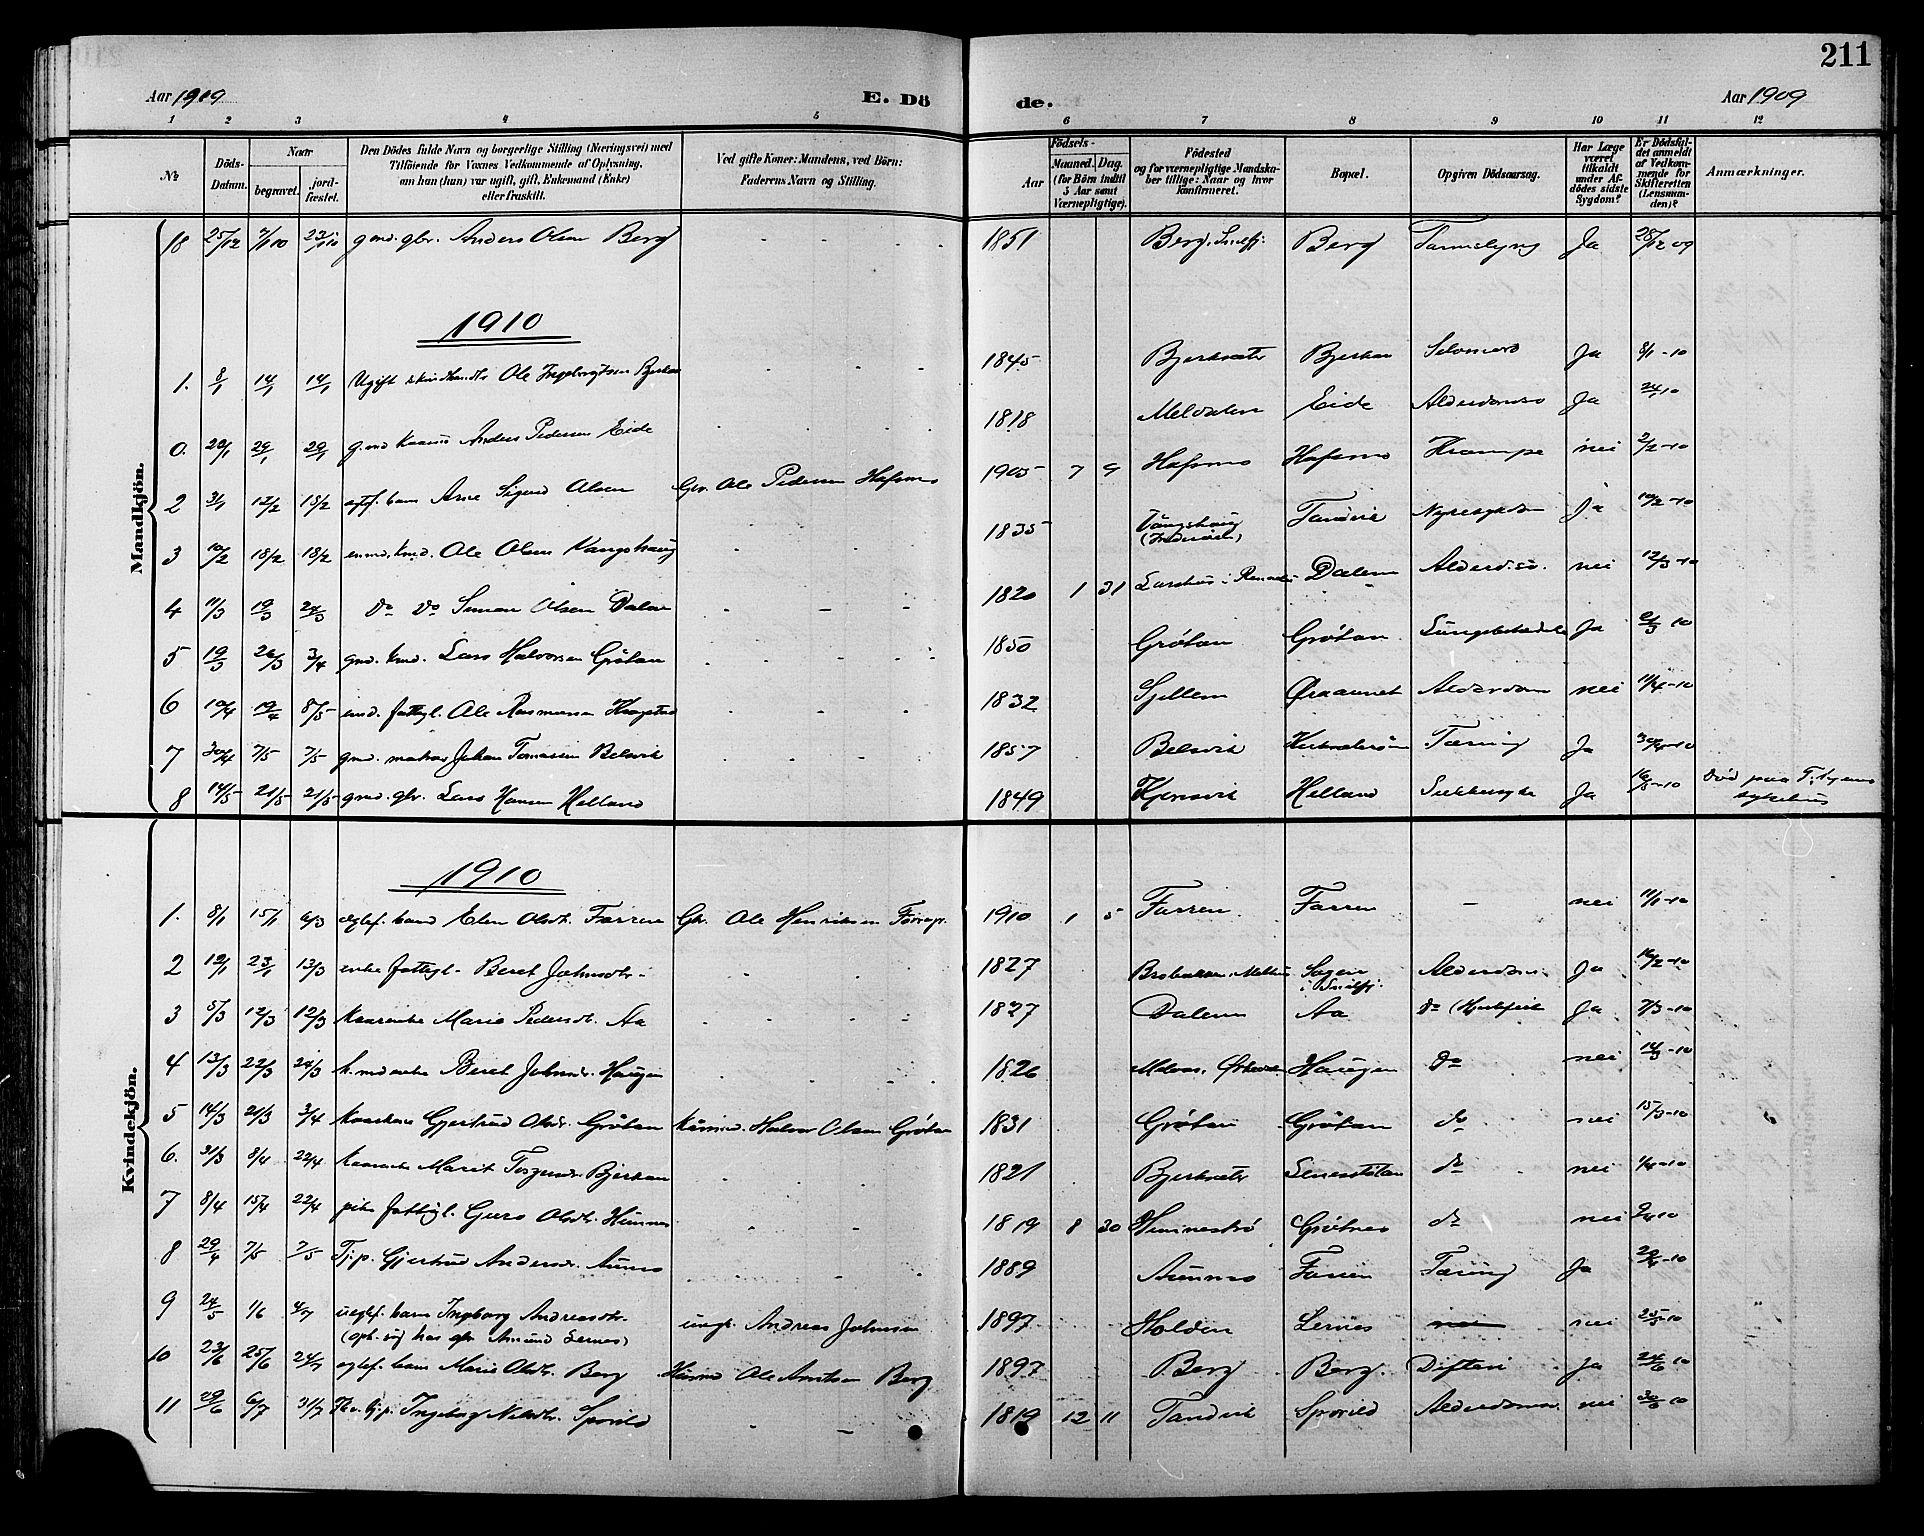 SAT, Ministerialprotokoller, klokkerbøker og fødselsregistre - Sør-Trøndelag, 630/L0505: Klokkerbok nr. 630C03, 1899-1914, s. 211